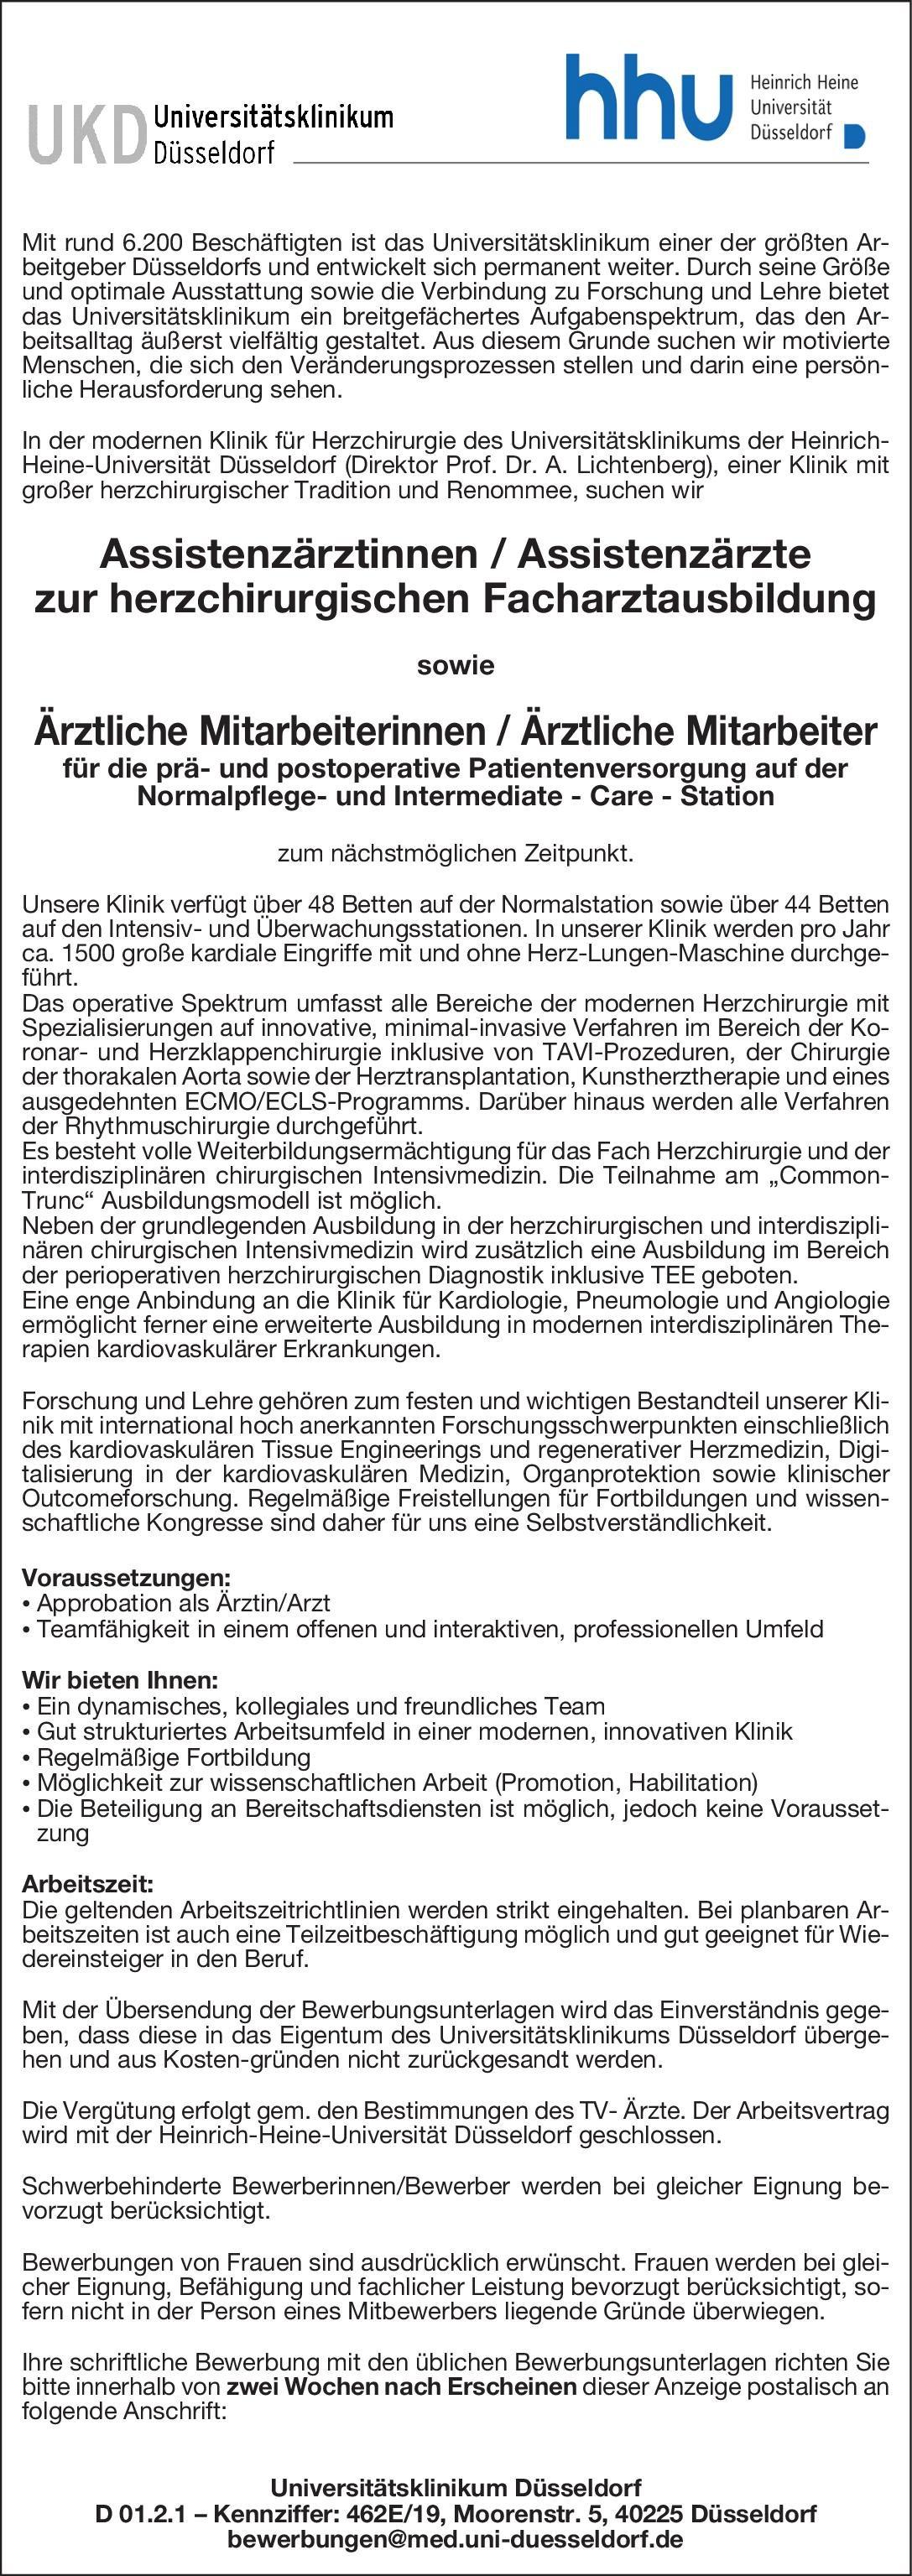 Universitätsklinikum Düsseldorf Assistenzärztinnen / Assistenzärzte zur herzchirurgischen Facharztausbildung  Herzchirurgie, Chirurgie Assistenzarzt / Arzt in Weiterbildung